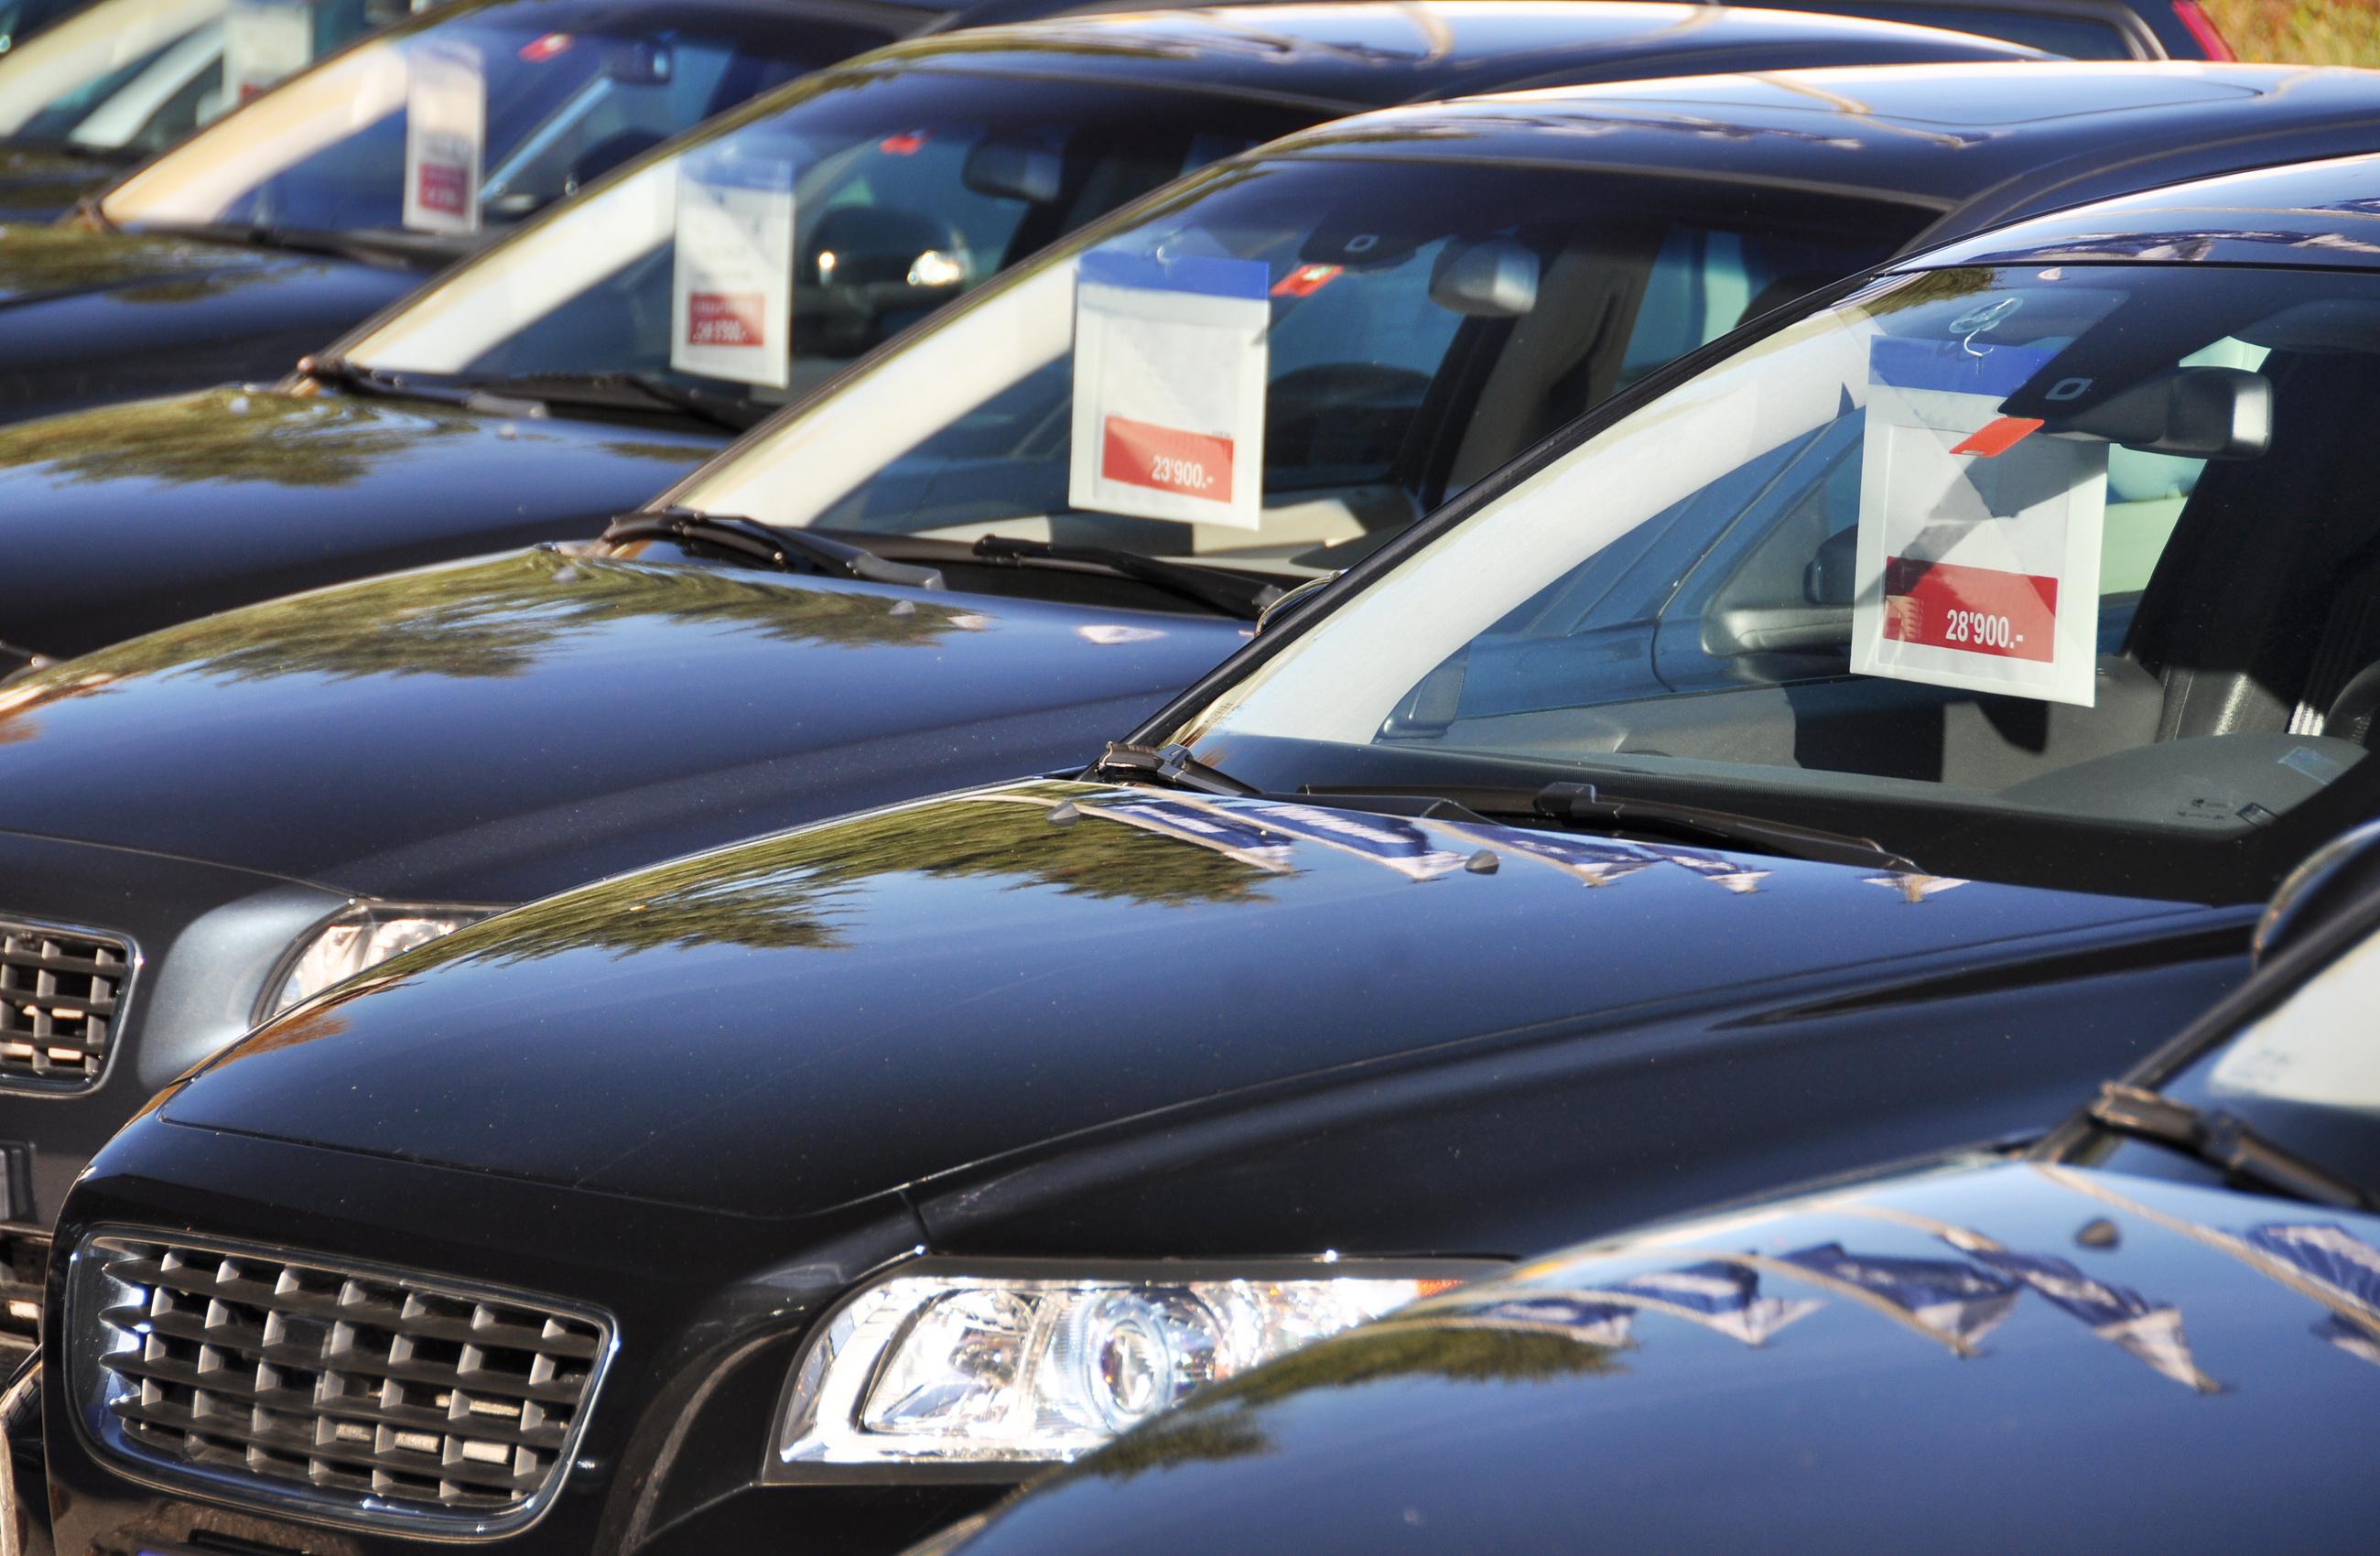 42 dni na sprzedaż auta